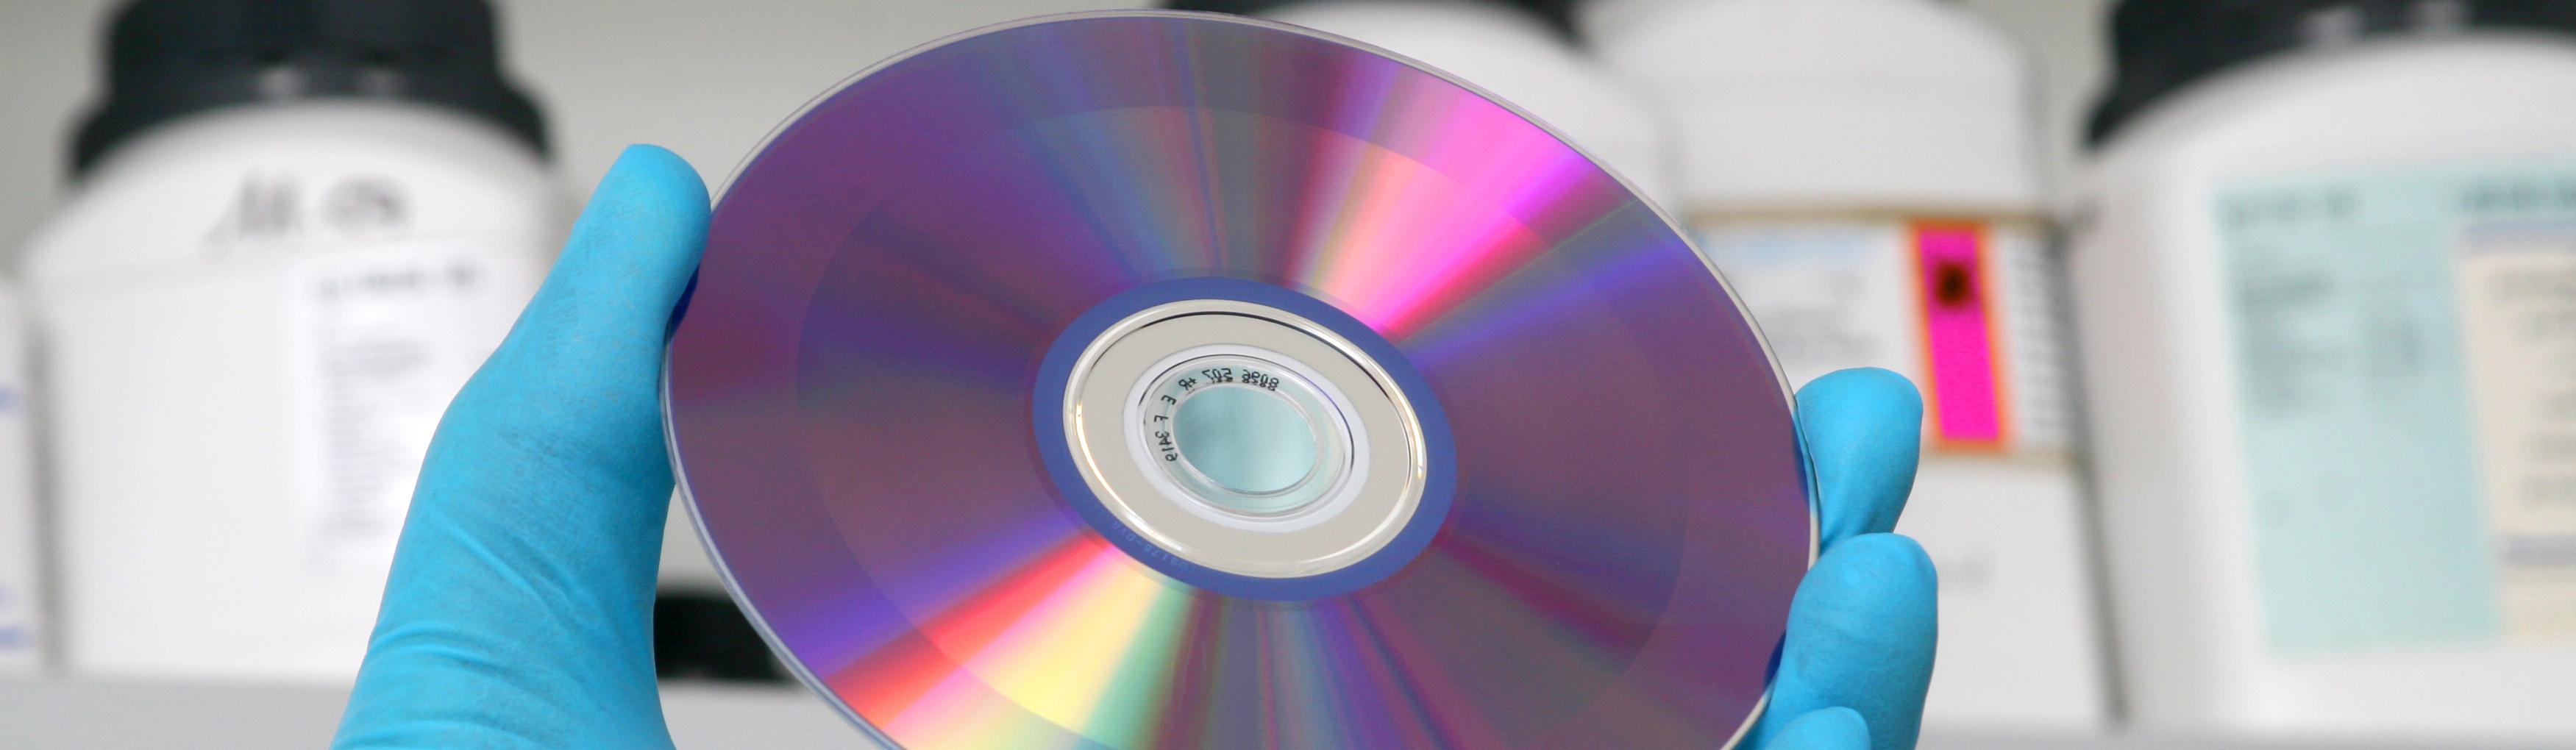 Bilder einer CD-ROM